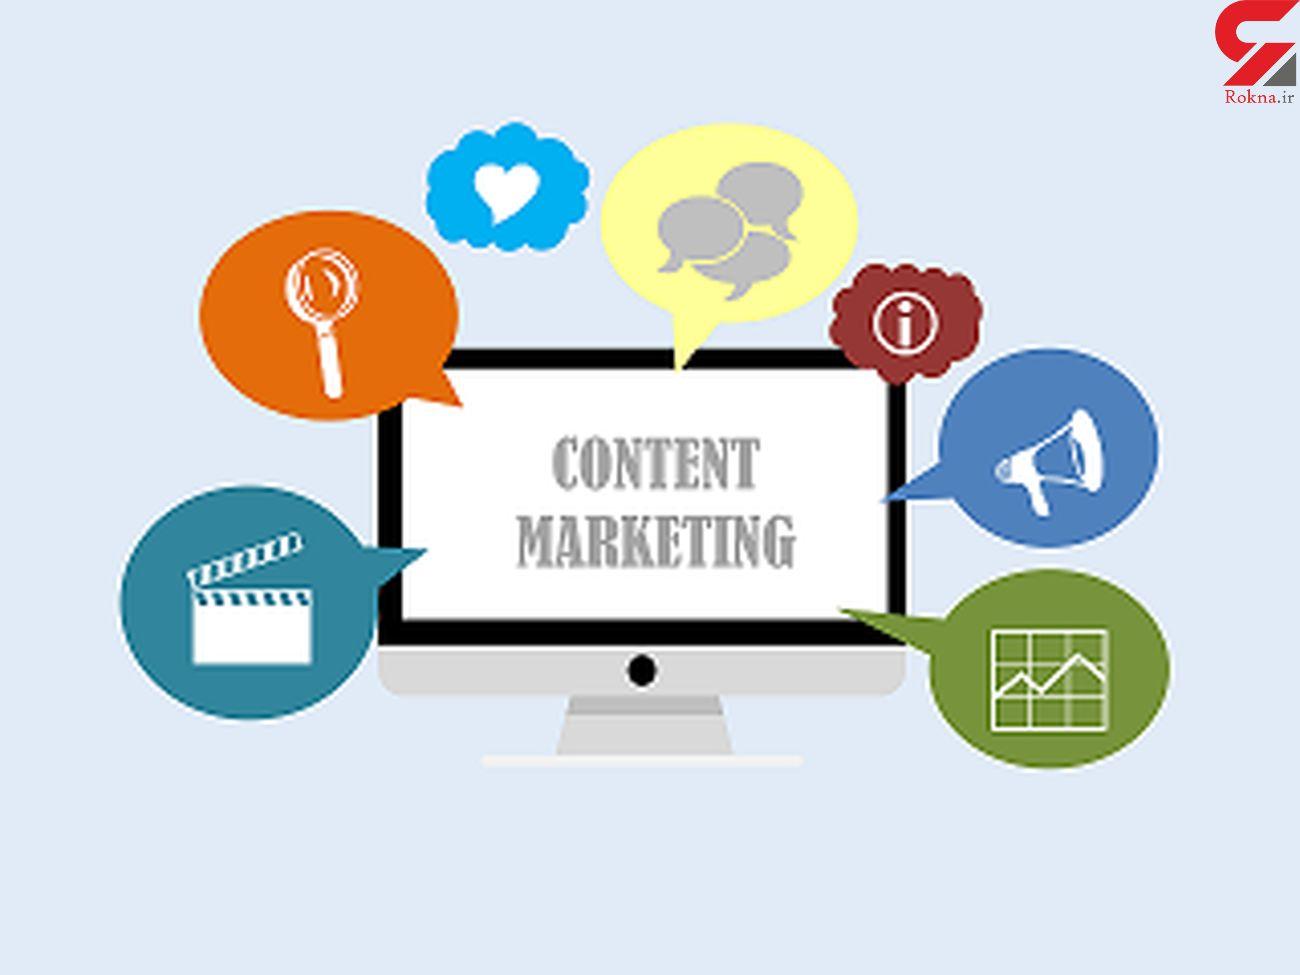 تولید محتوا در فضای مجازی را باید به بخش خصوصی سپرد